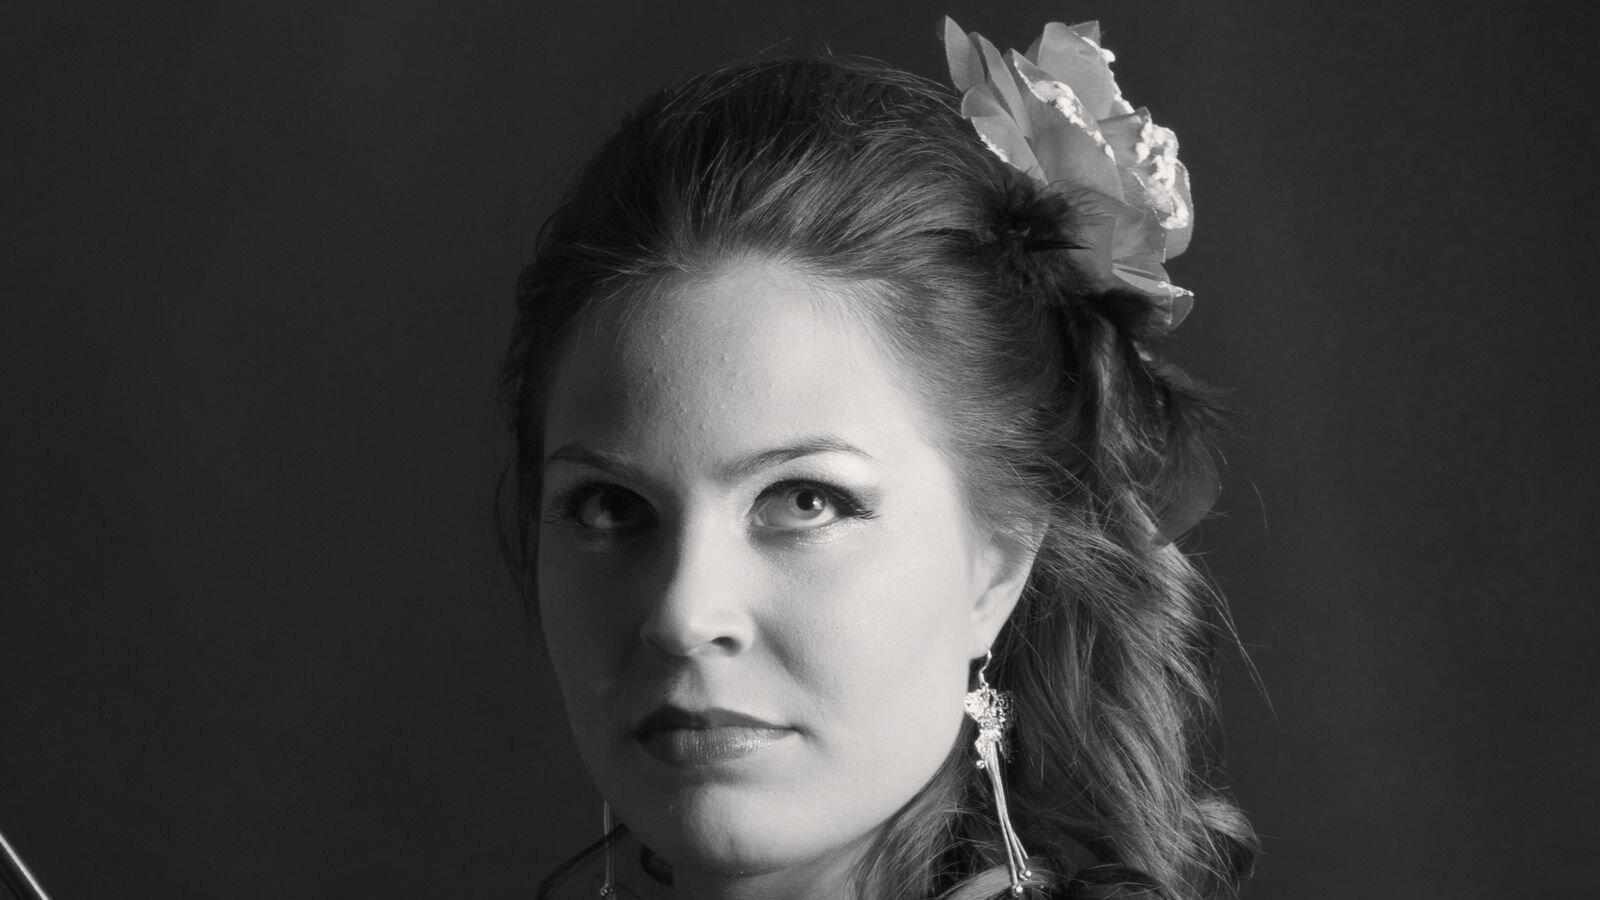 JacquelineFame